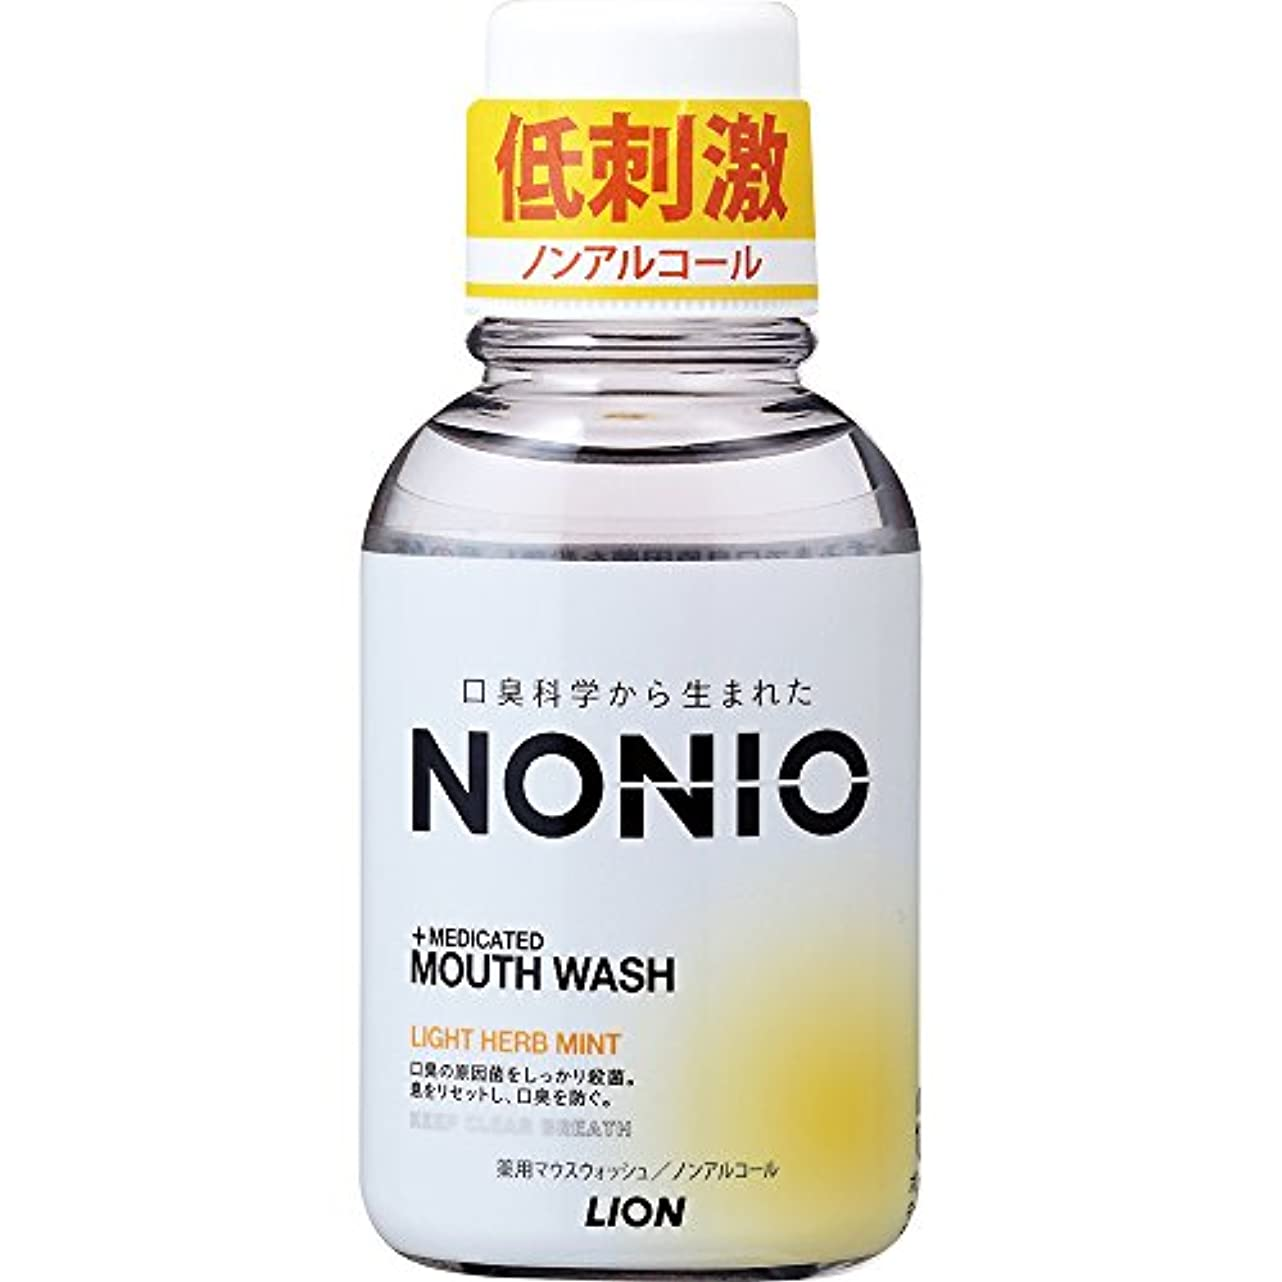 コーデリア浸透するにおいNONIO マウスウォッシュ ノンアルコール ライトハーブミント 80ml 洗口液 (医薬部外品)